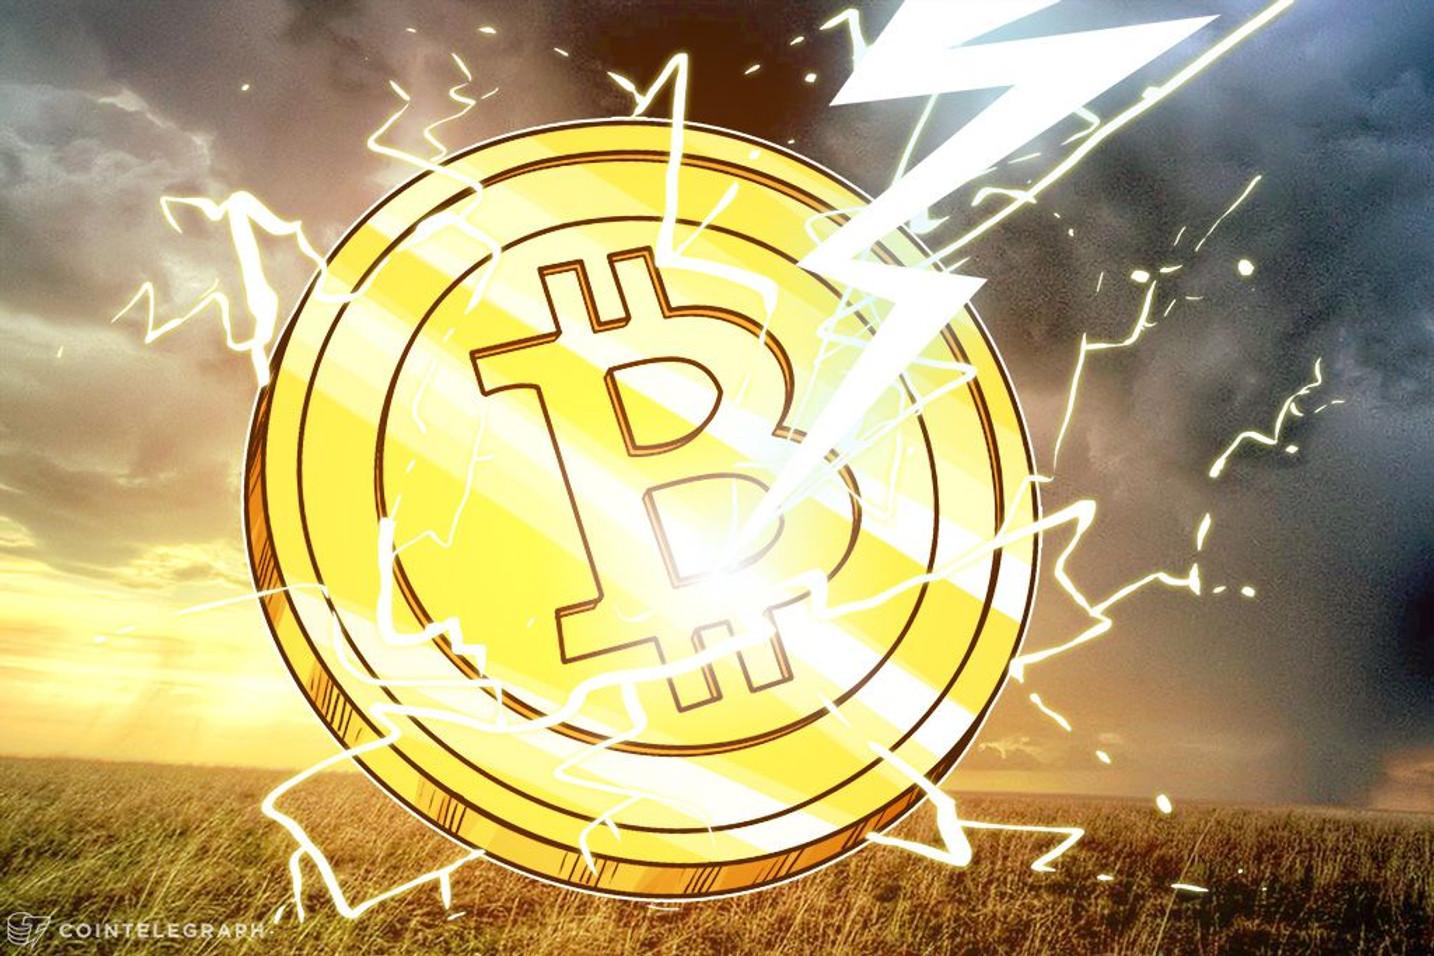 """Erkan Öz: """"Bitcoin'in bir 'dünya parası' olması imkansız! Deli olmaları lazım!"""""""